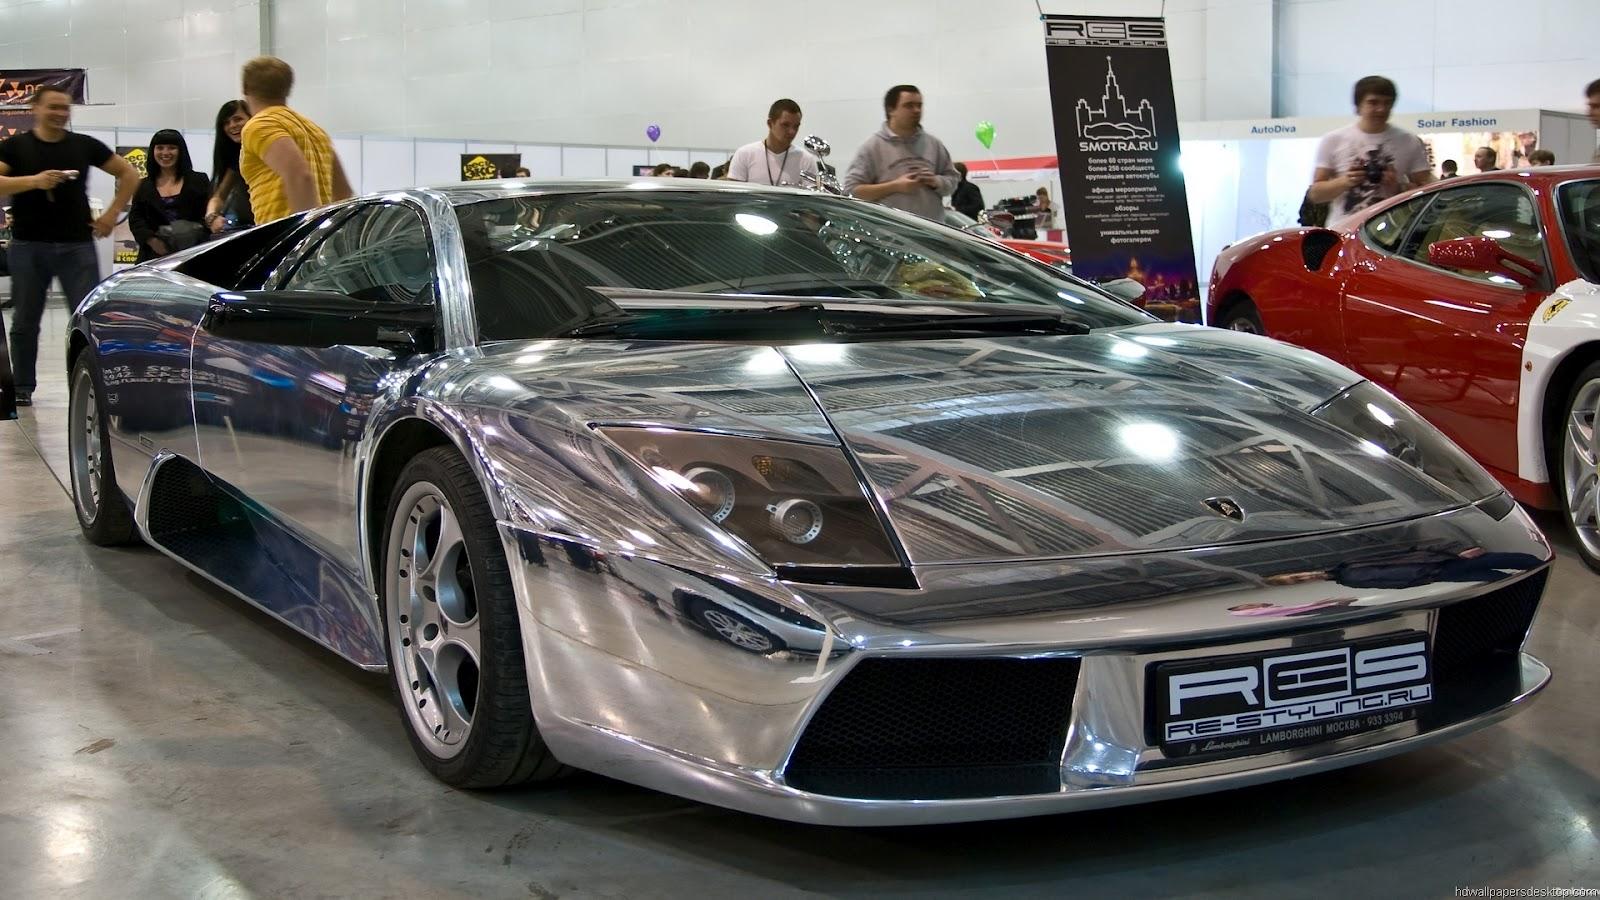 1080P Lamborghini Wallpaper - WallpaperSafari